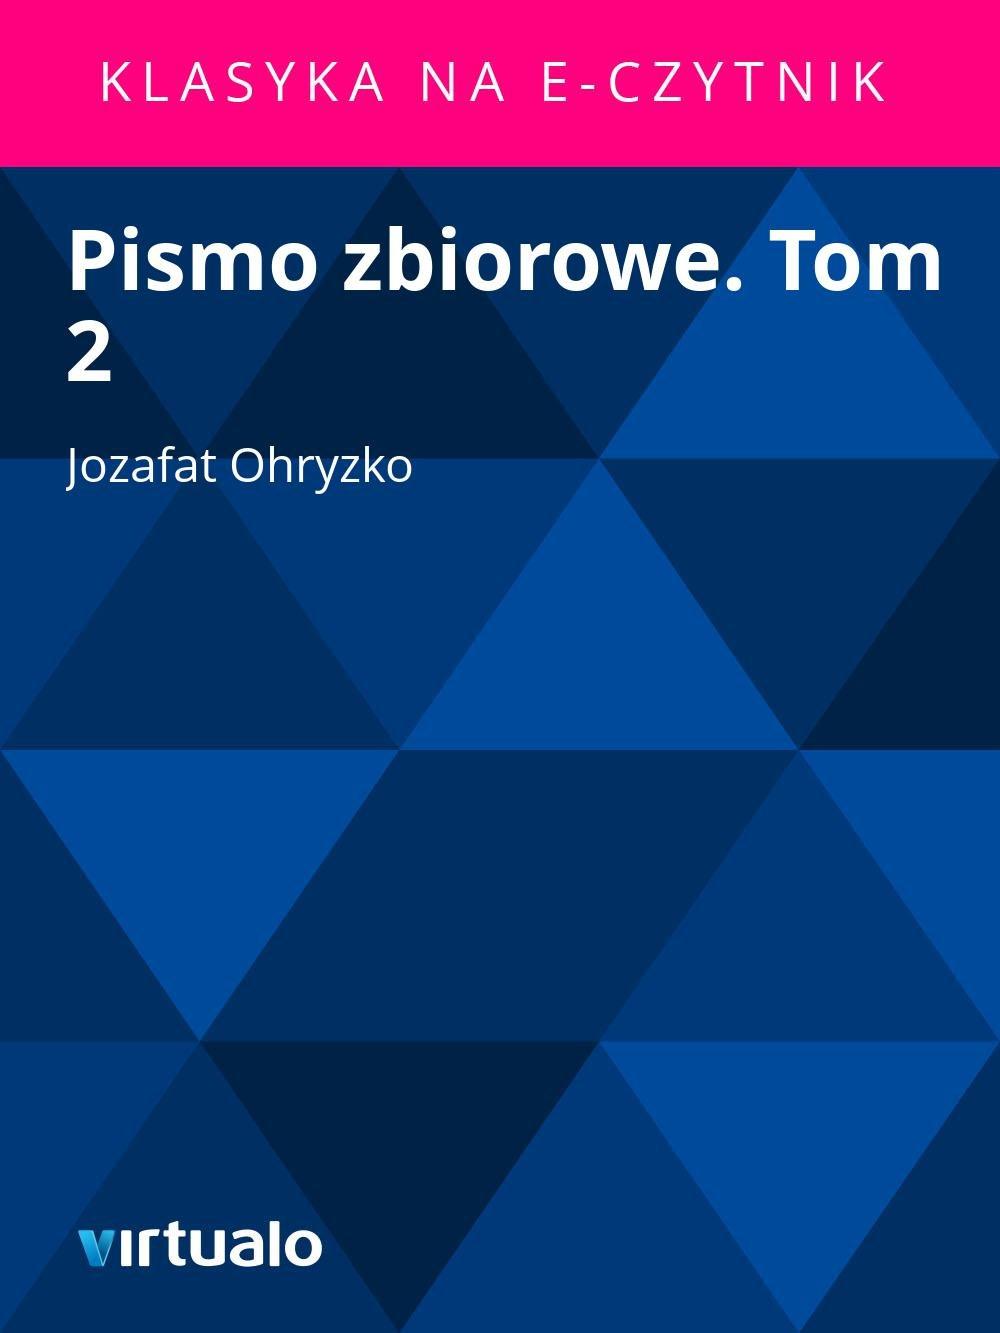 Pismo zbiorowe. Tom 2 - Ebook (Książka EPUB) do pobrania w formacie EPUB